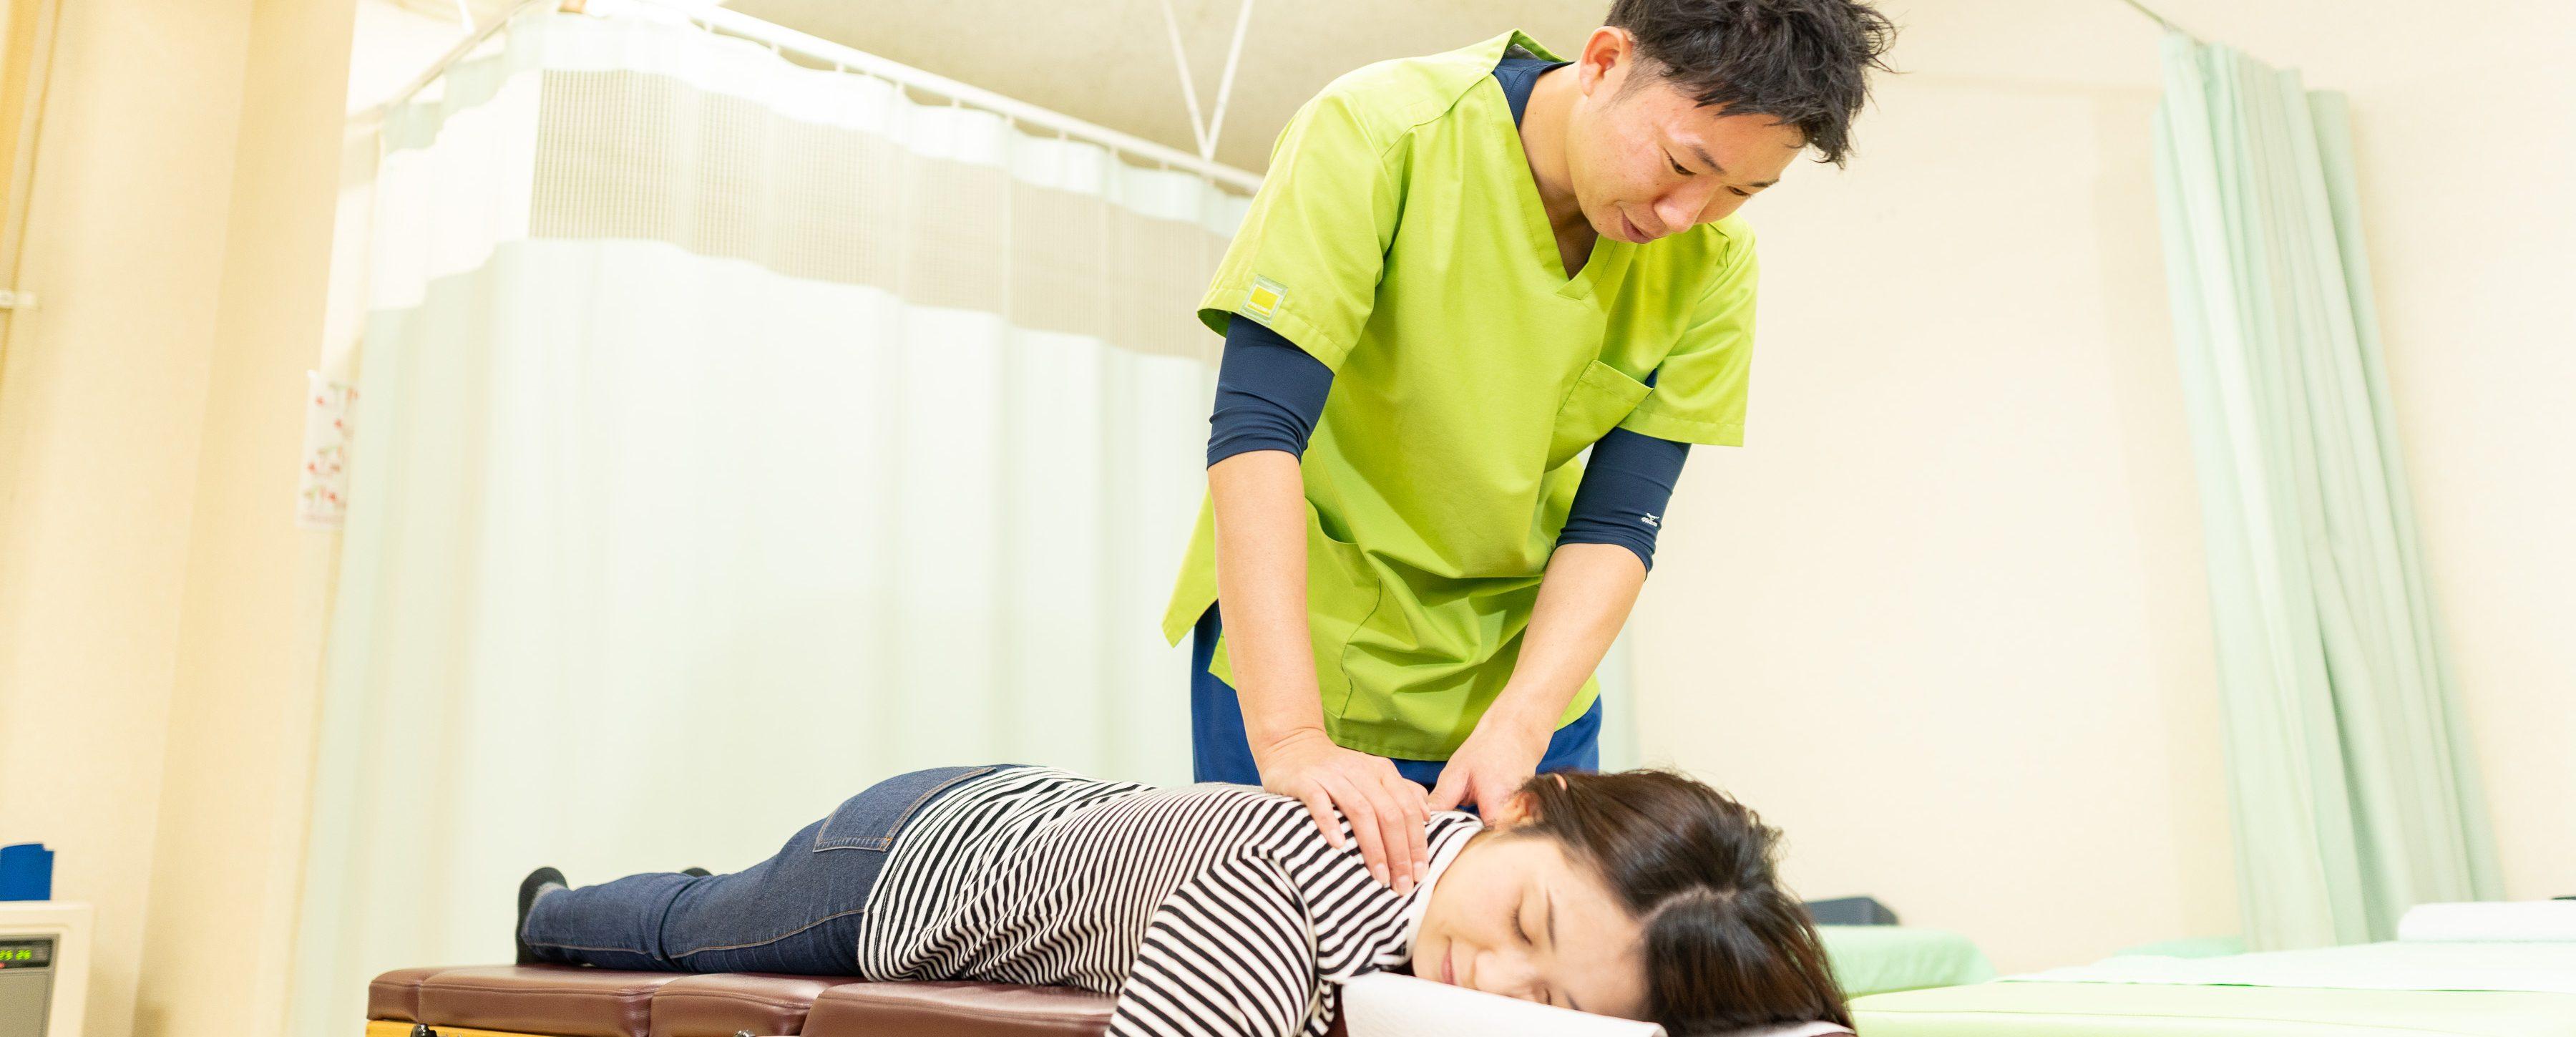 肩こりの施術|札幌市東区まこと整骨院